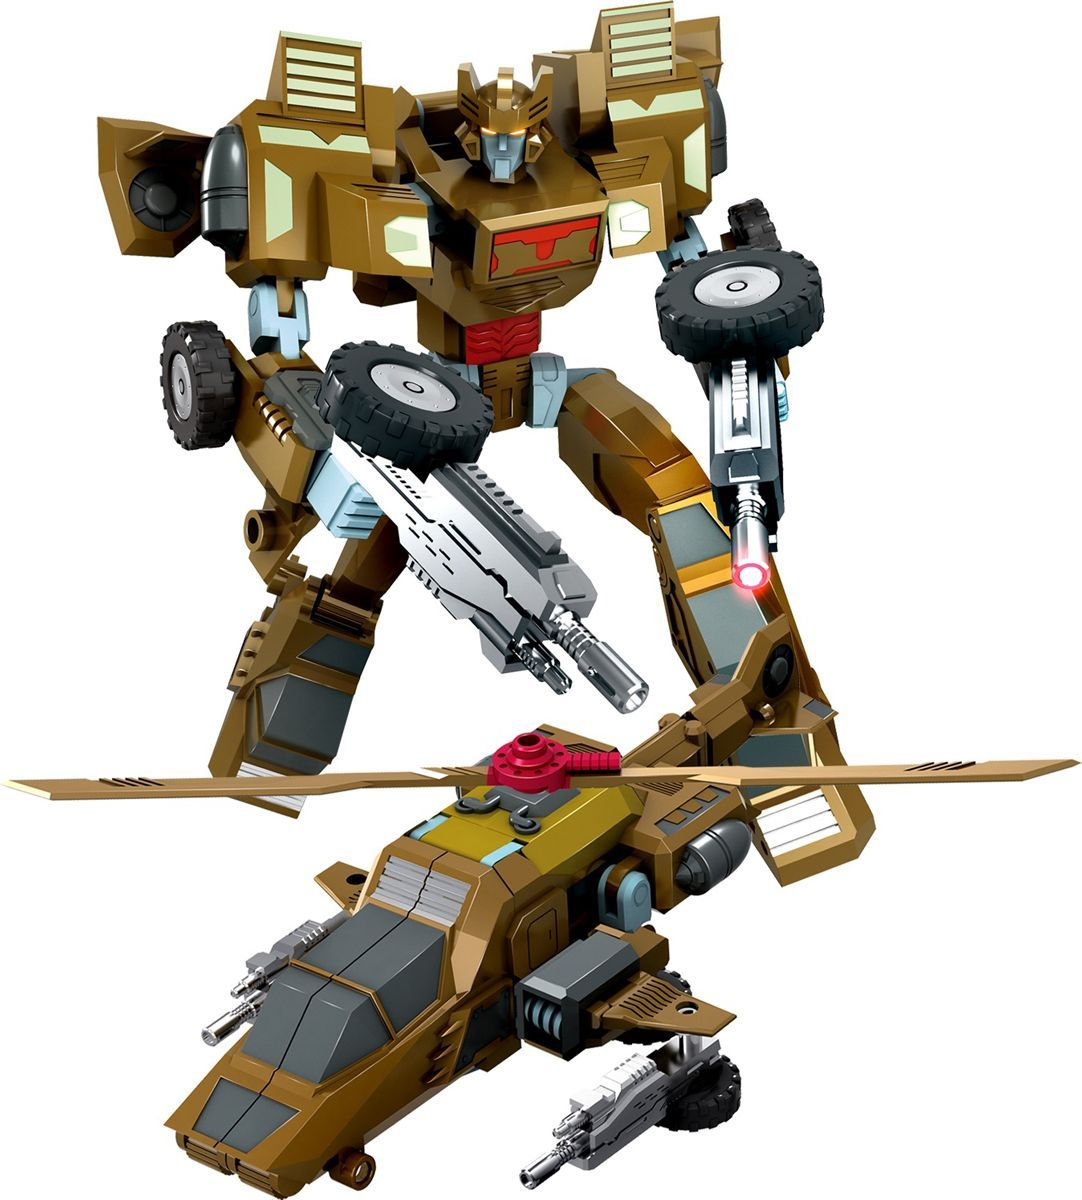 Склад уникальных товаров Робот-трансформер Вертолет XL цвет оливковый